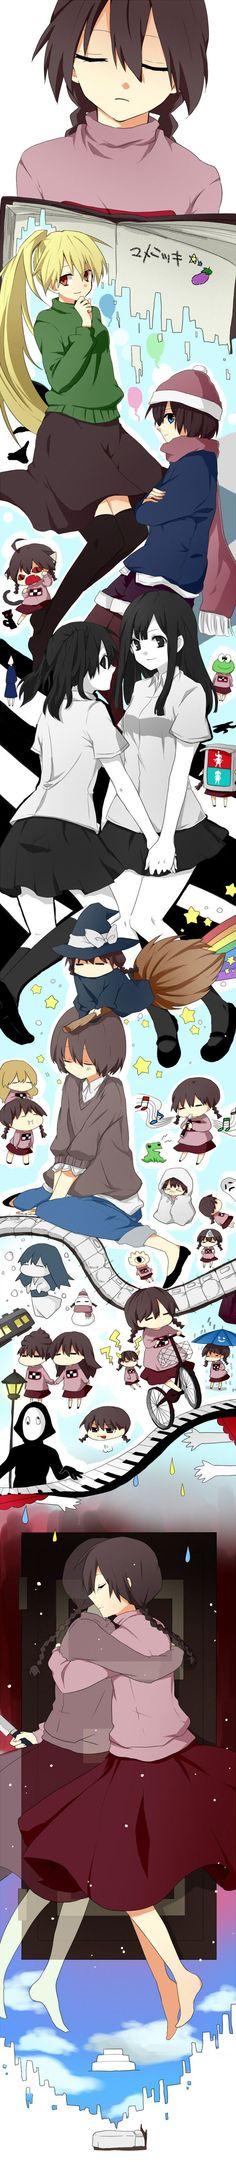 Tags: Anime, Yume Nikki, Madotsuki, Monoe, Monoko: